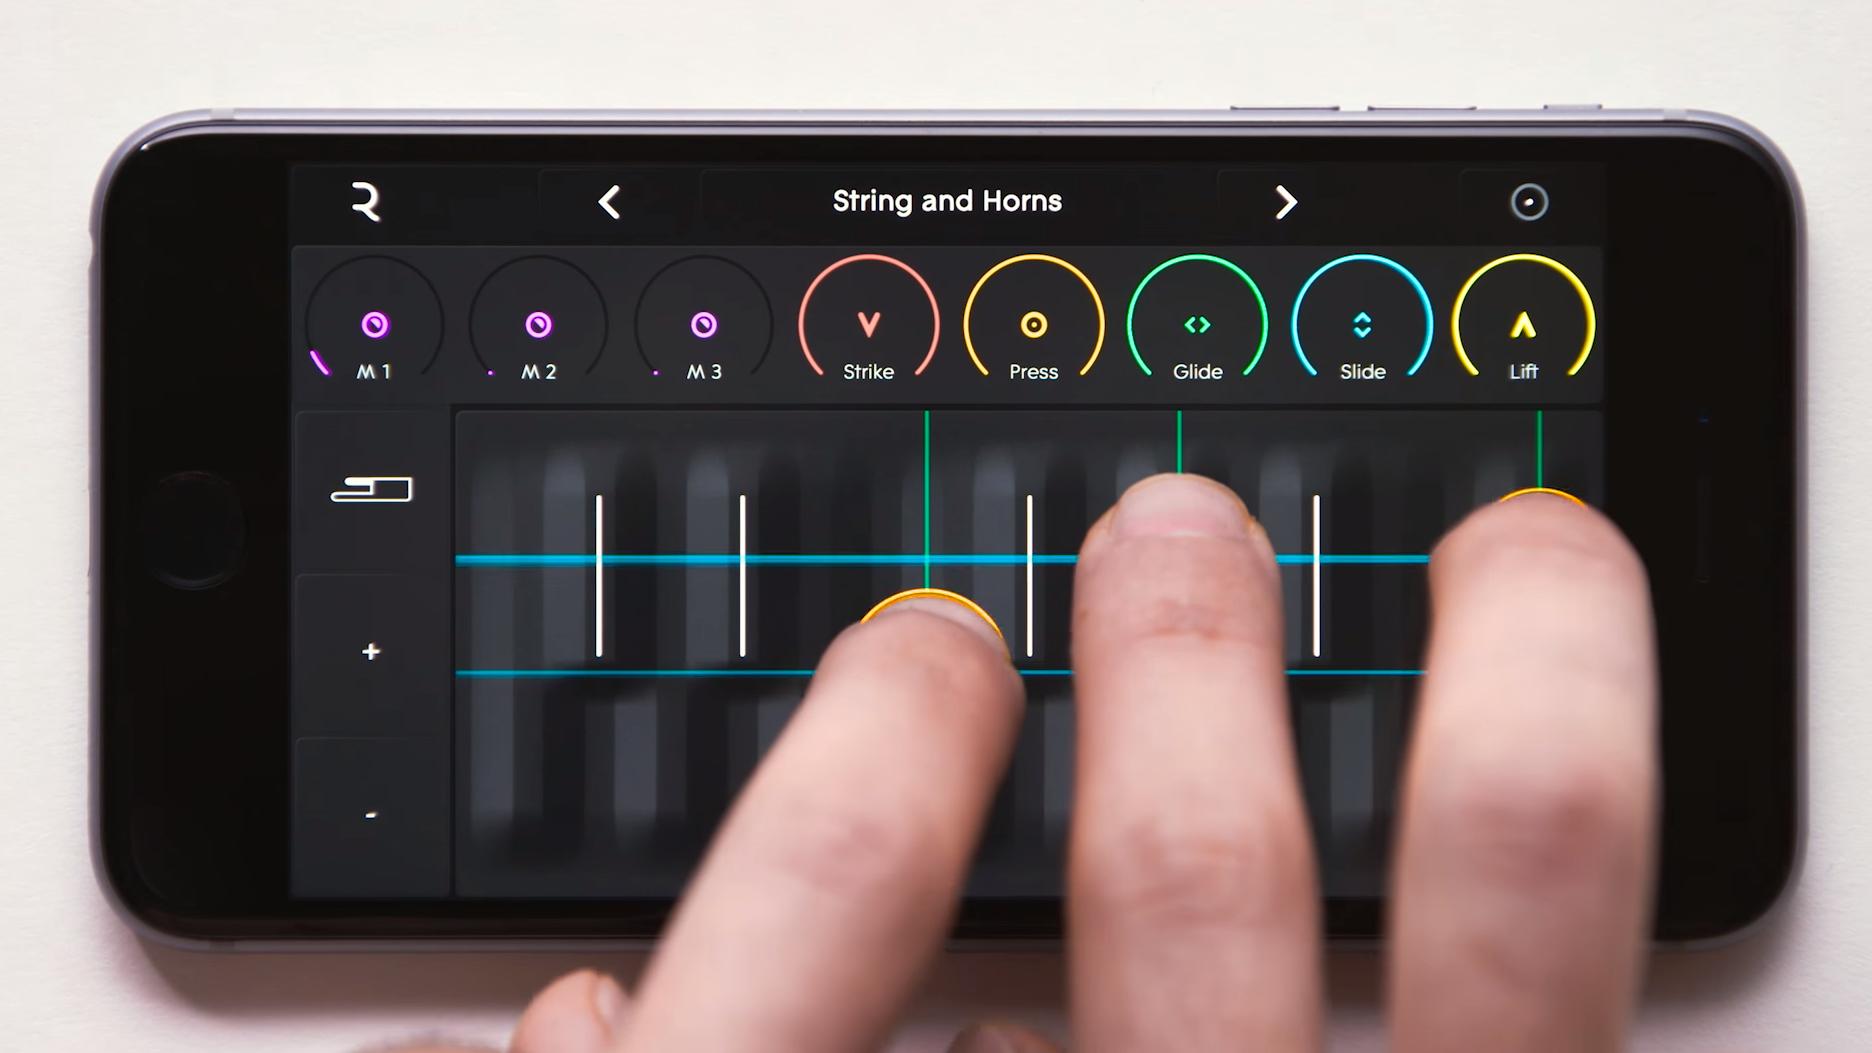 Denne appen lar deg bruke mobilen som et unikt musikkinstrument